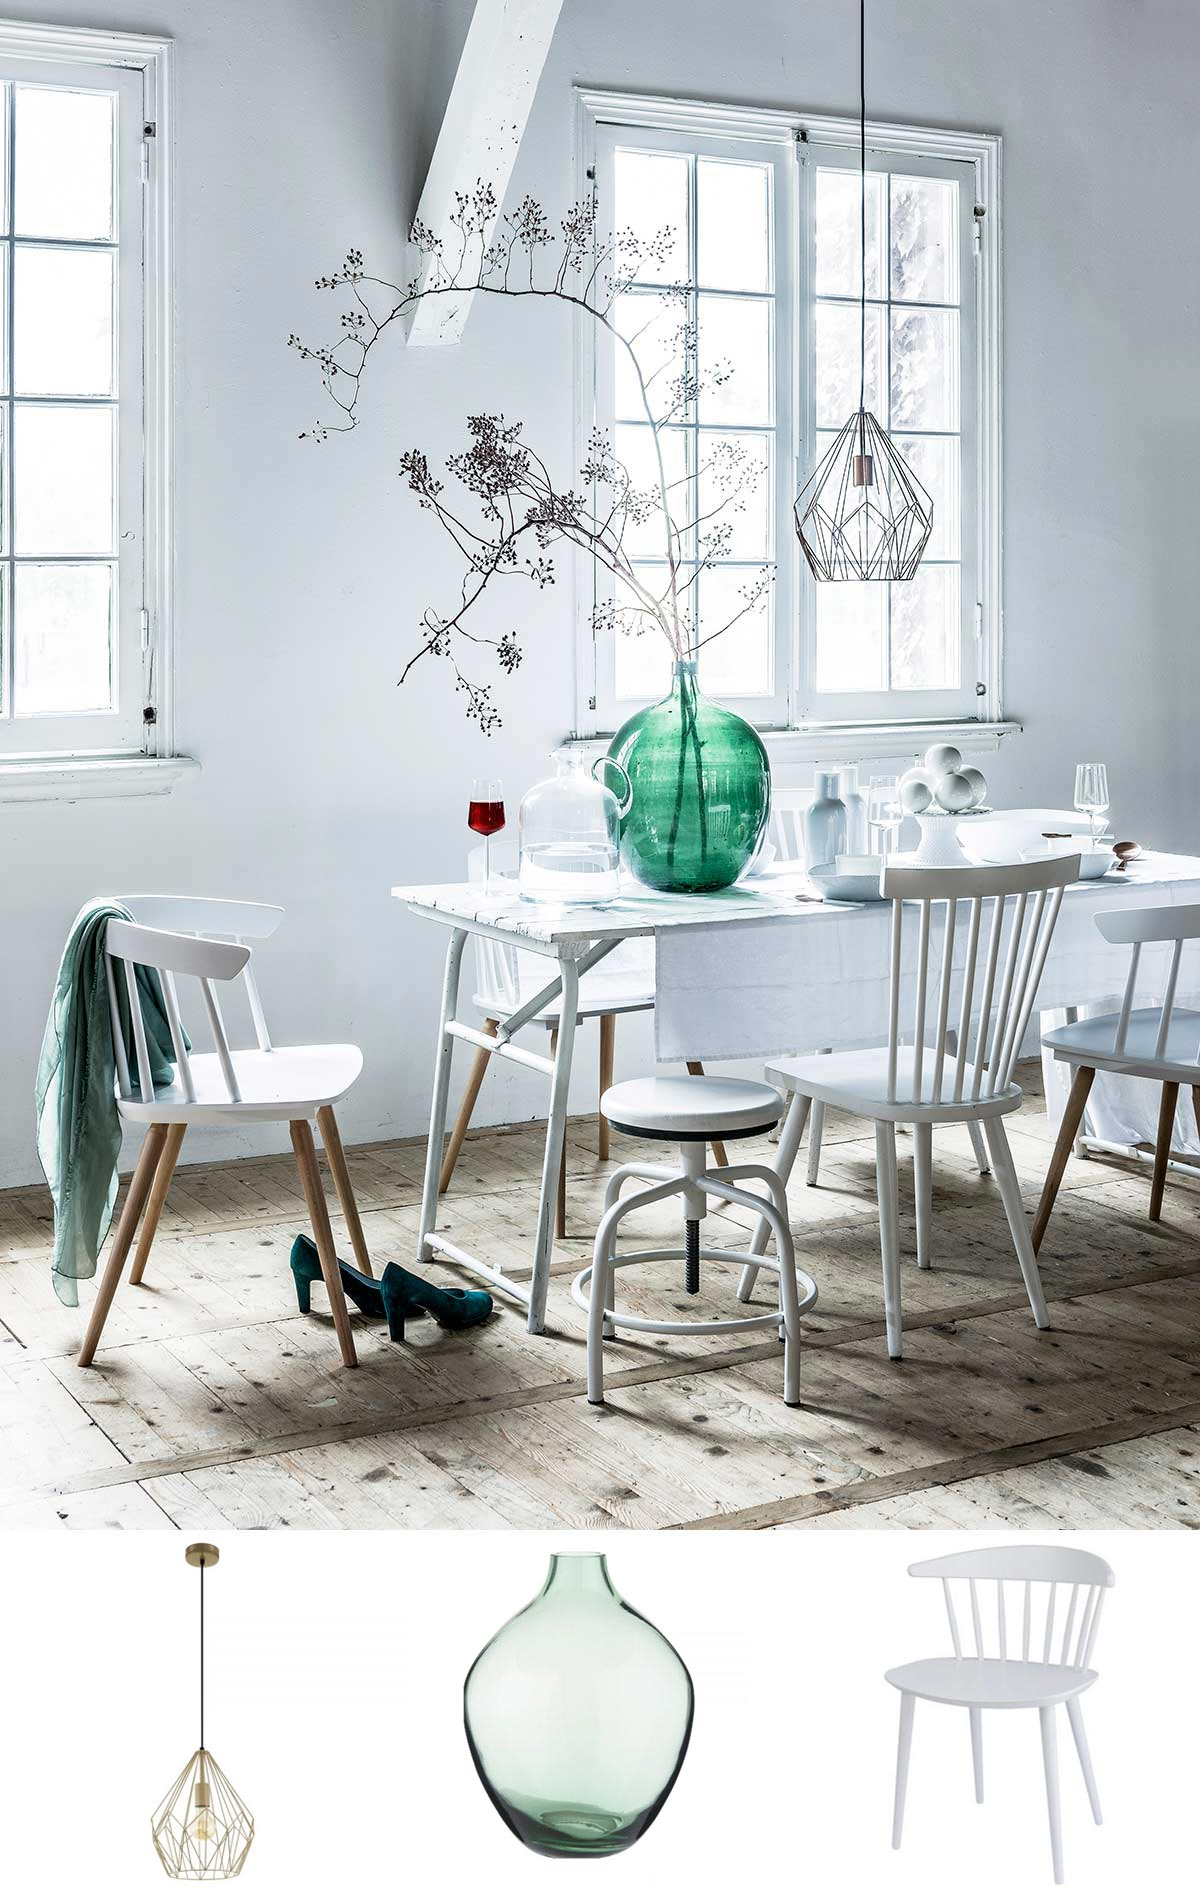 5x tafelen in stijl